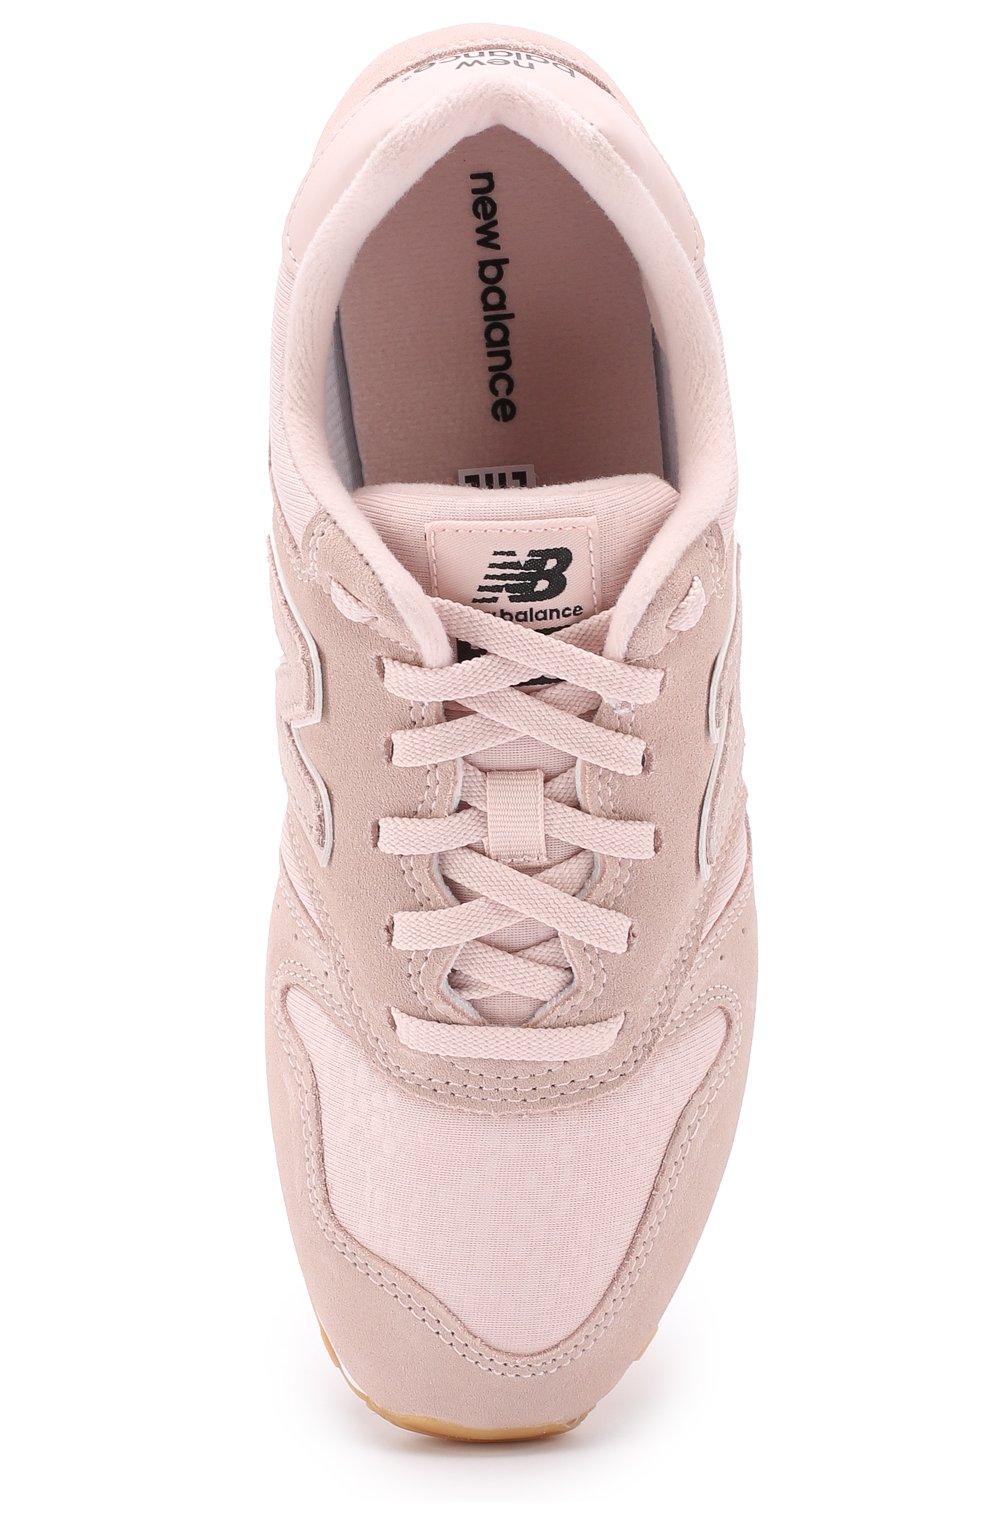 dddafebe Замшевые кроссовки 373 с текстильной вставкой New Balance розовые | Фото №4